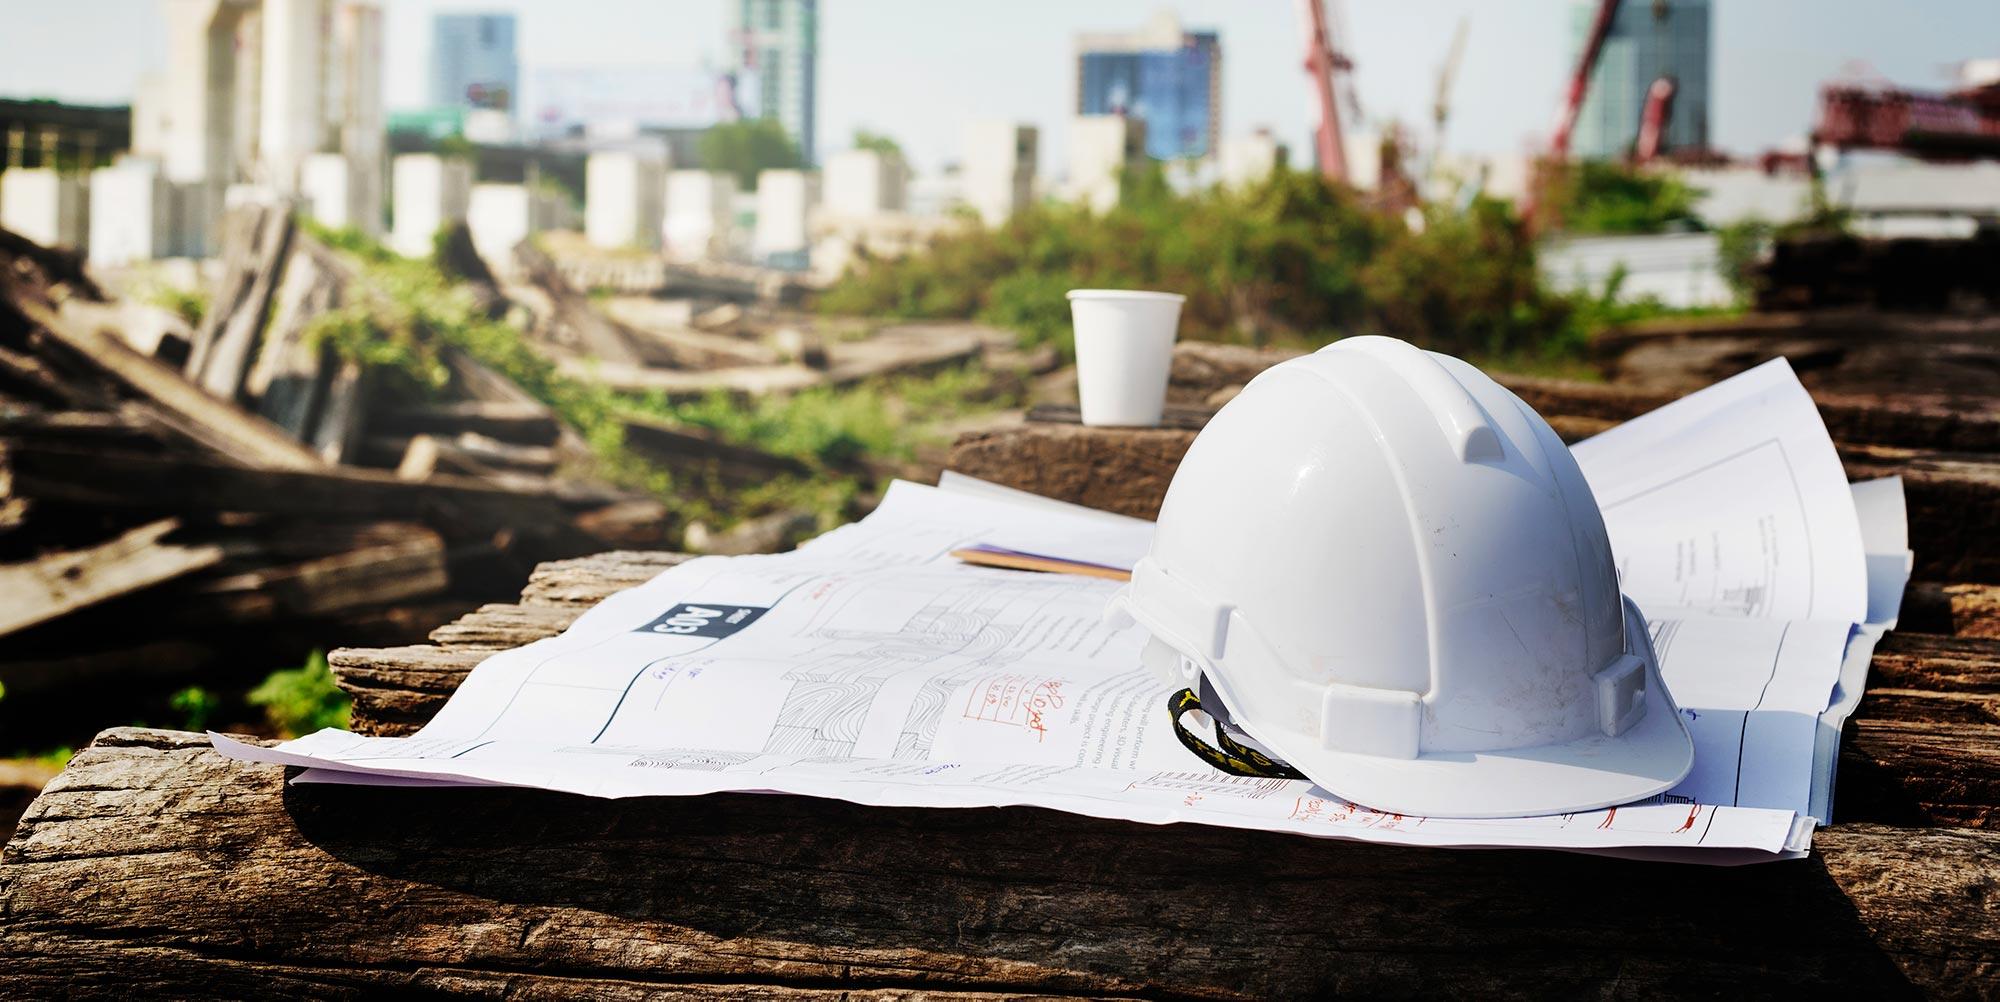 ¿Qué necesitas saber sobre los contratos de propiedades en pre-construcción?